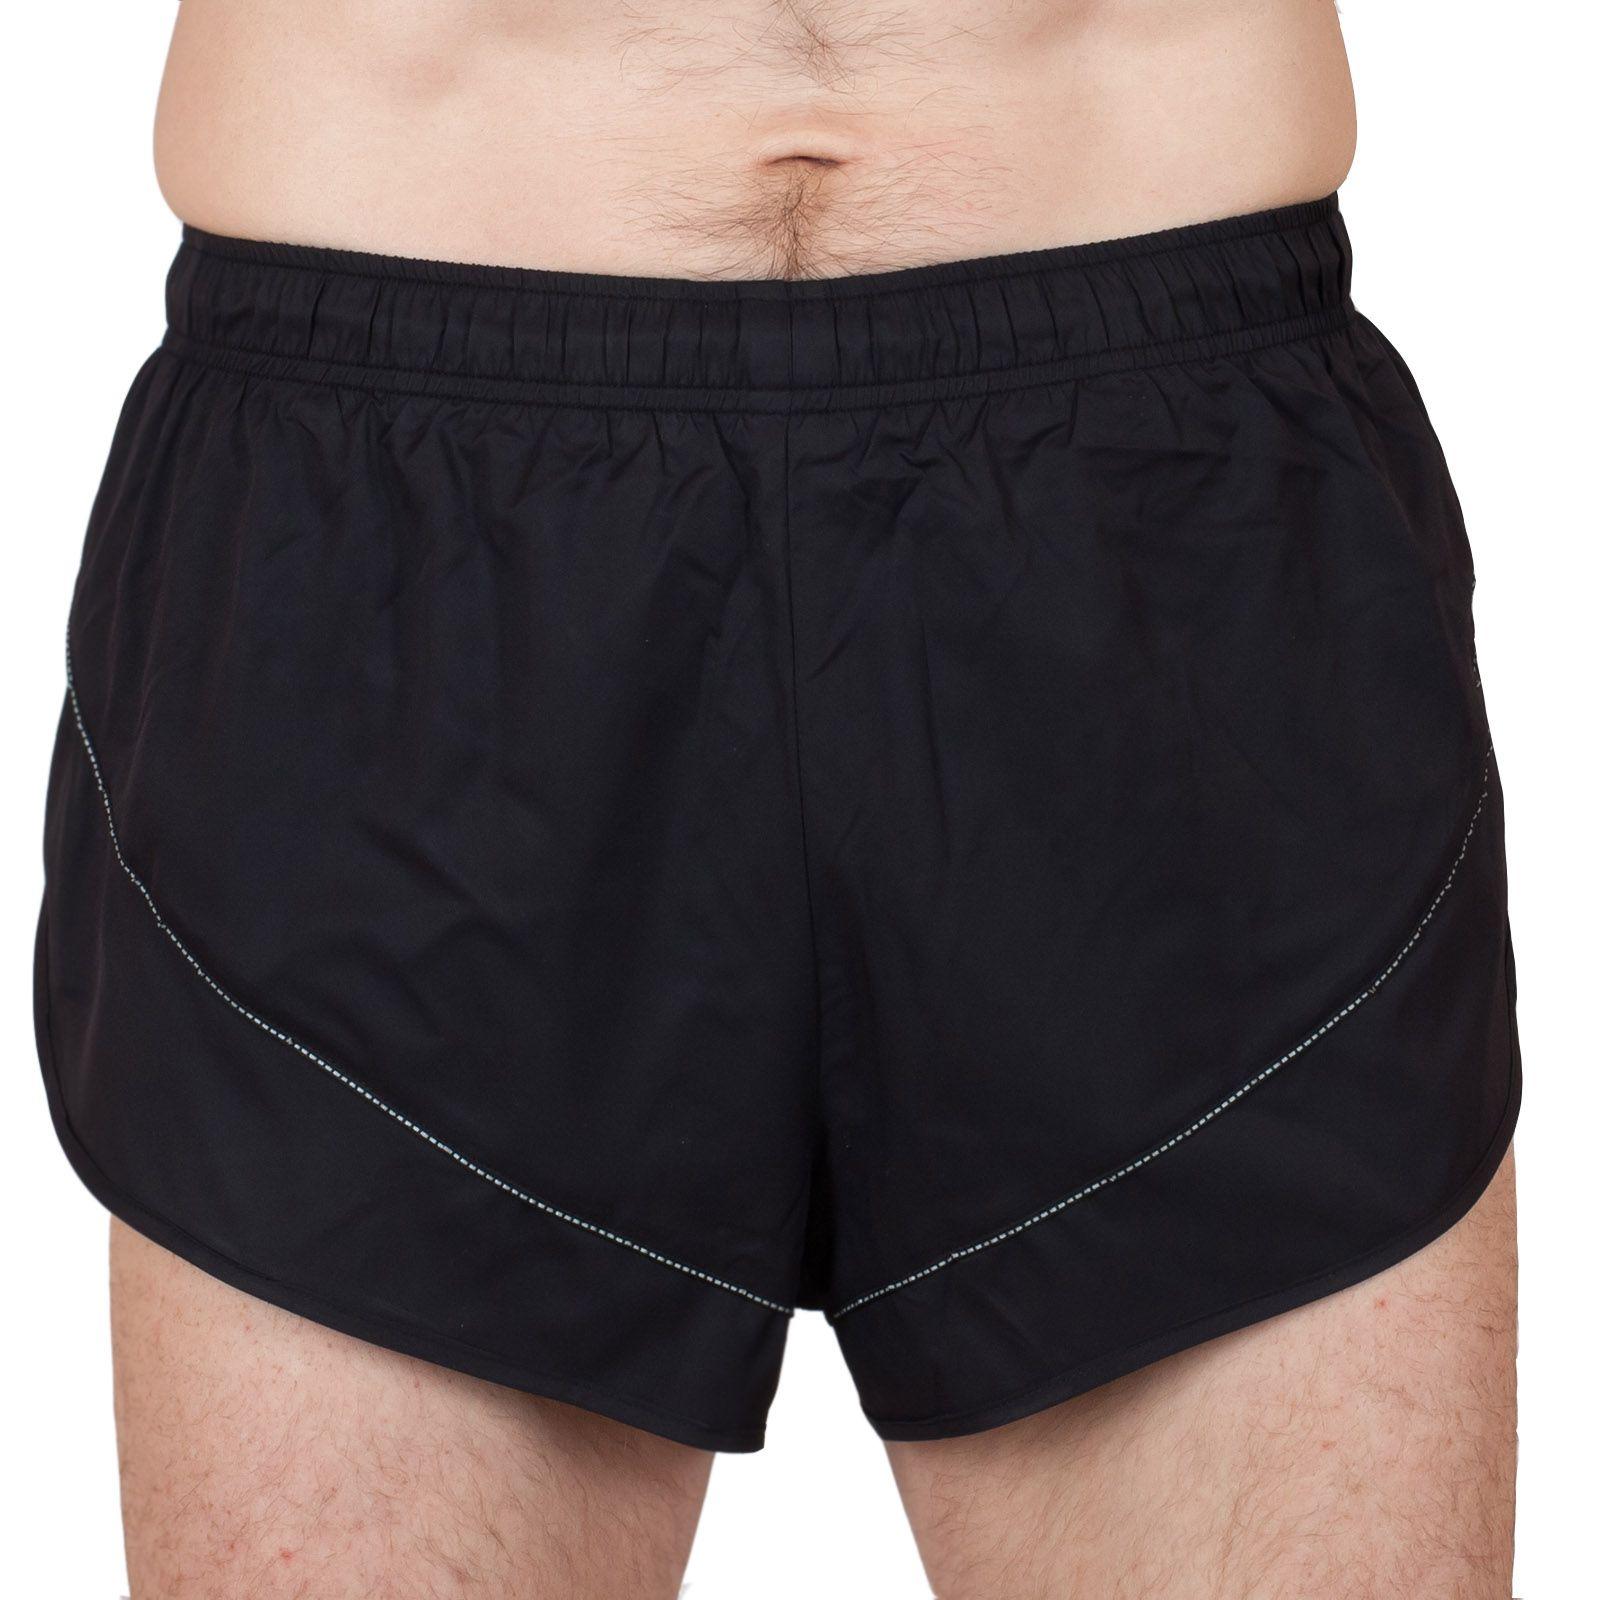 Курортные шорты для мужчин - вид спереди